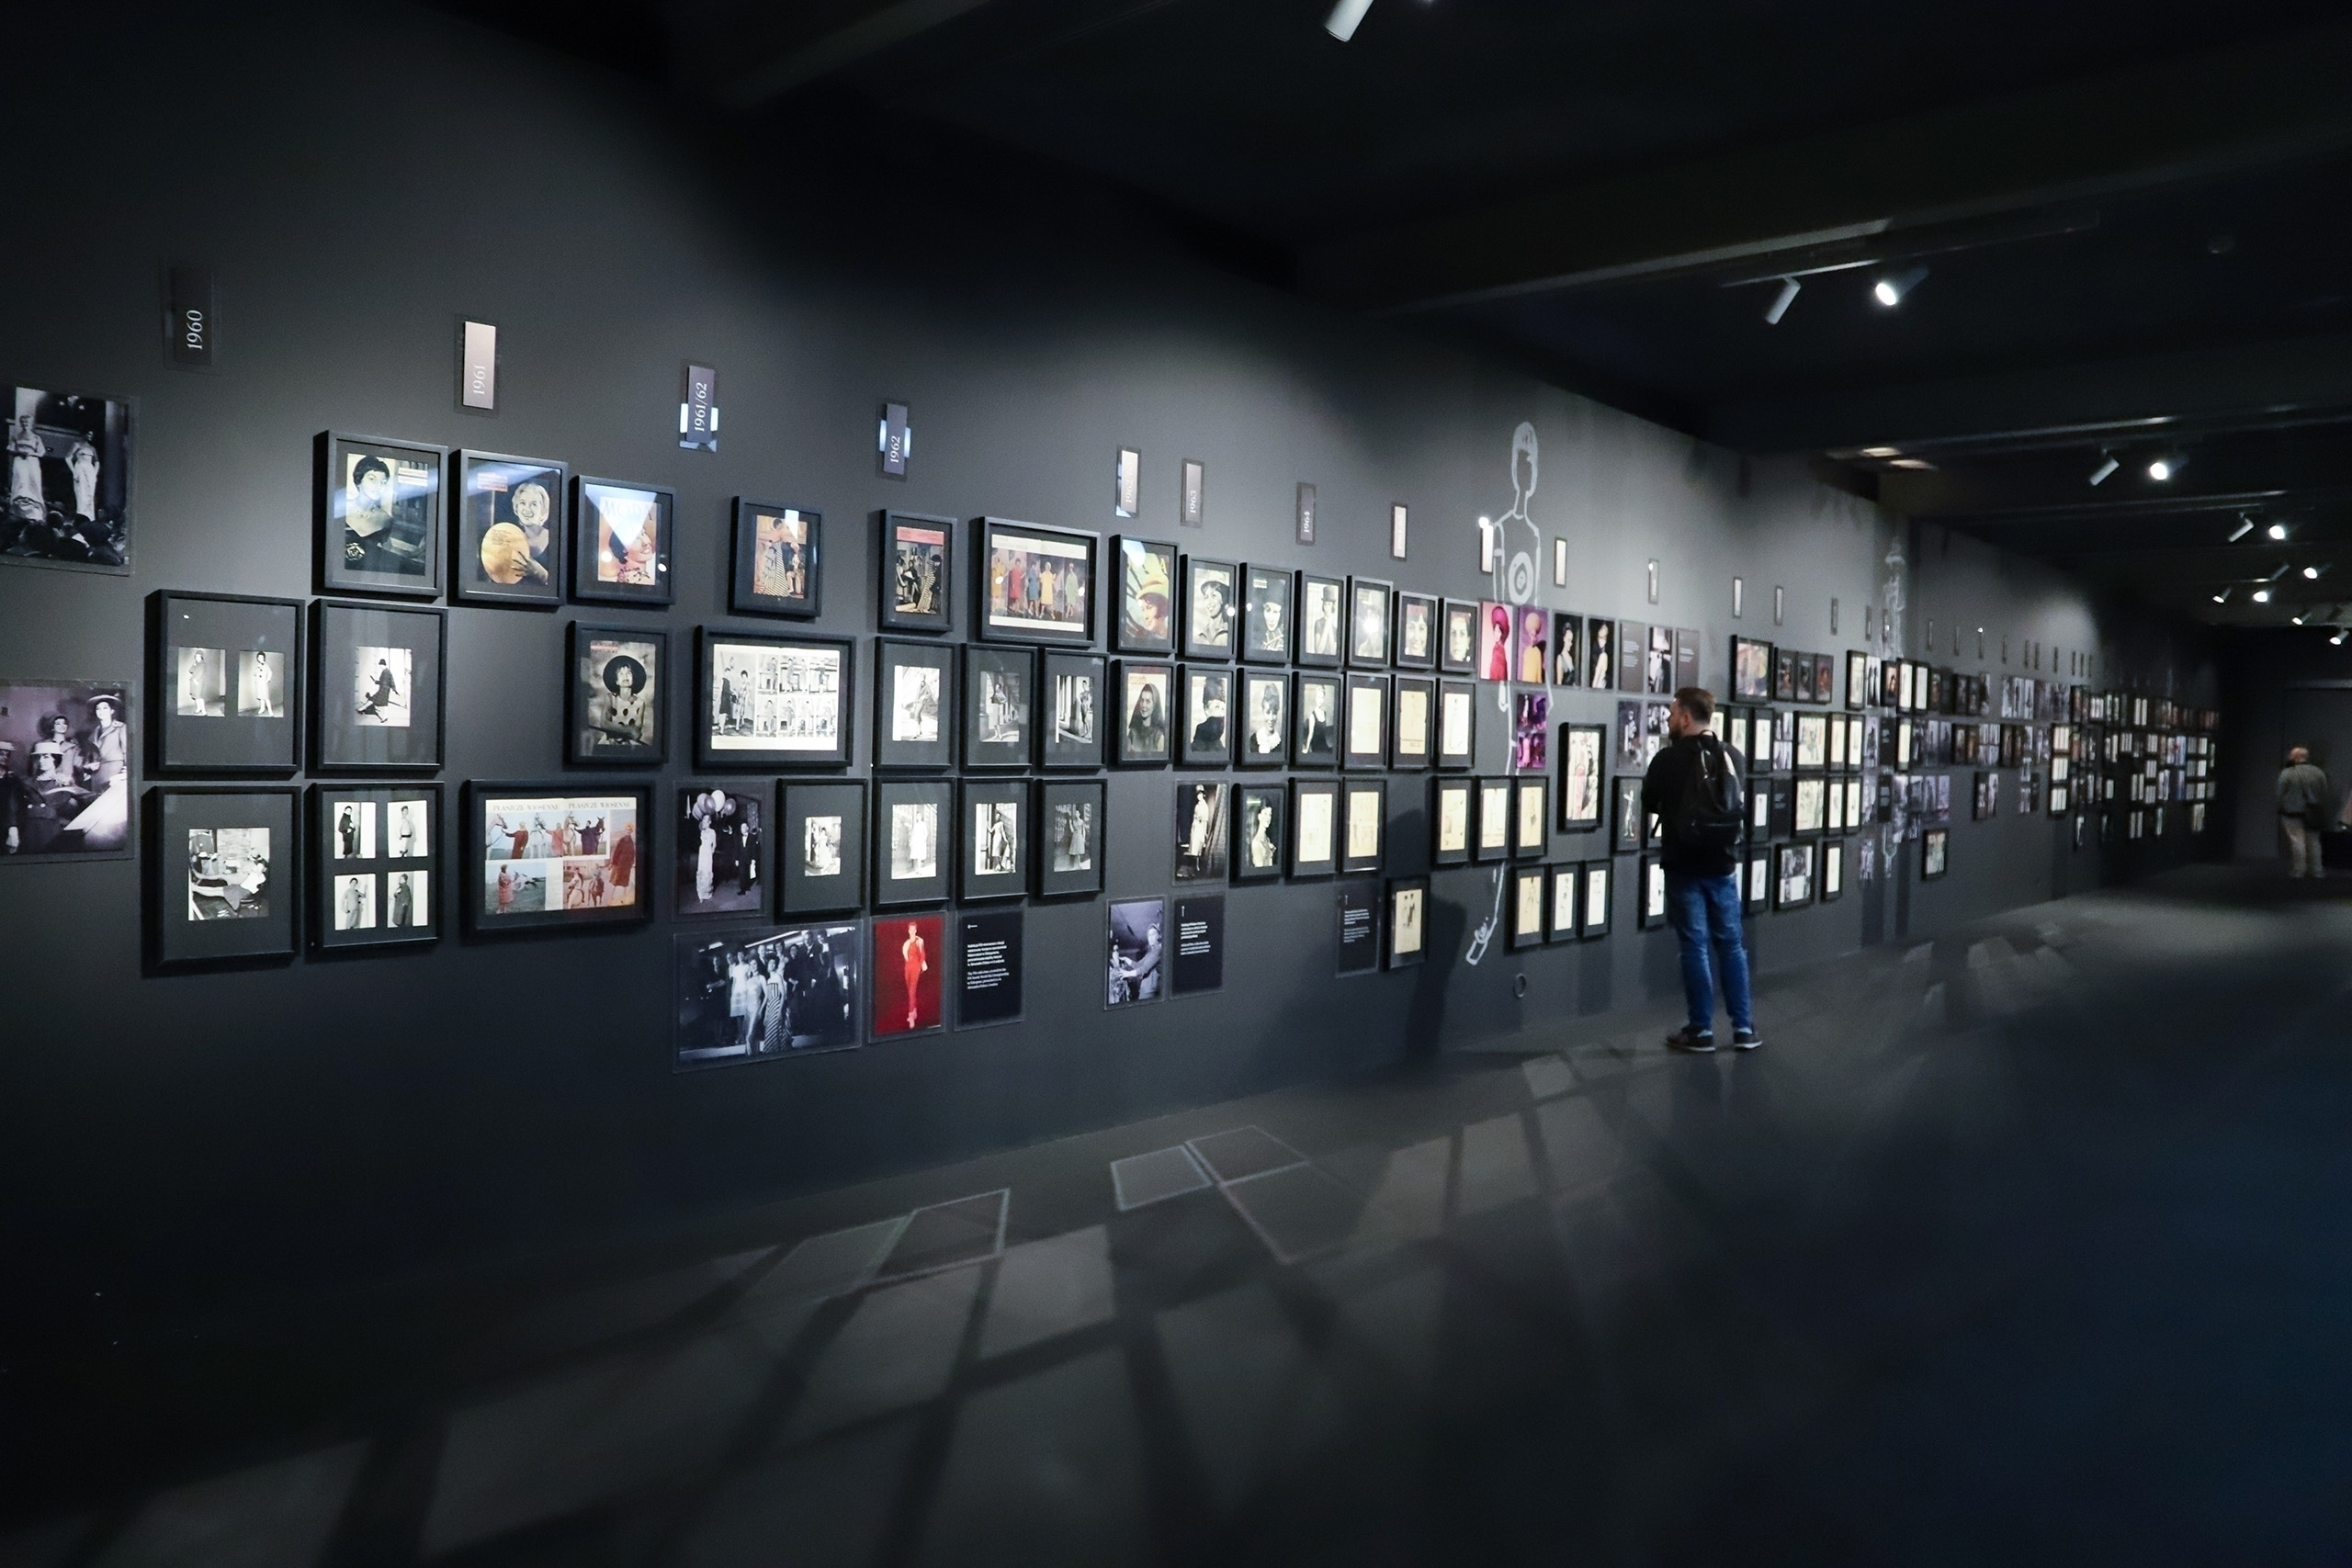 Zdjęcie przedstawia pomieszczenie z czarnymi ścianami, na których wiszą małe fotografie oprawione w ramki.